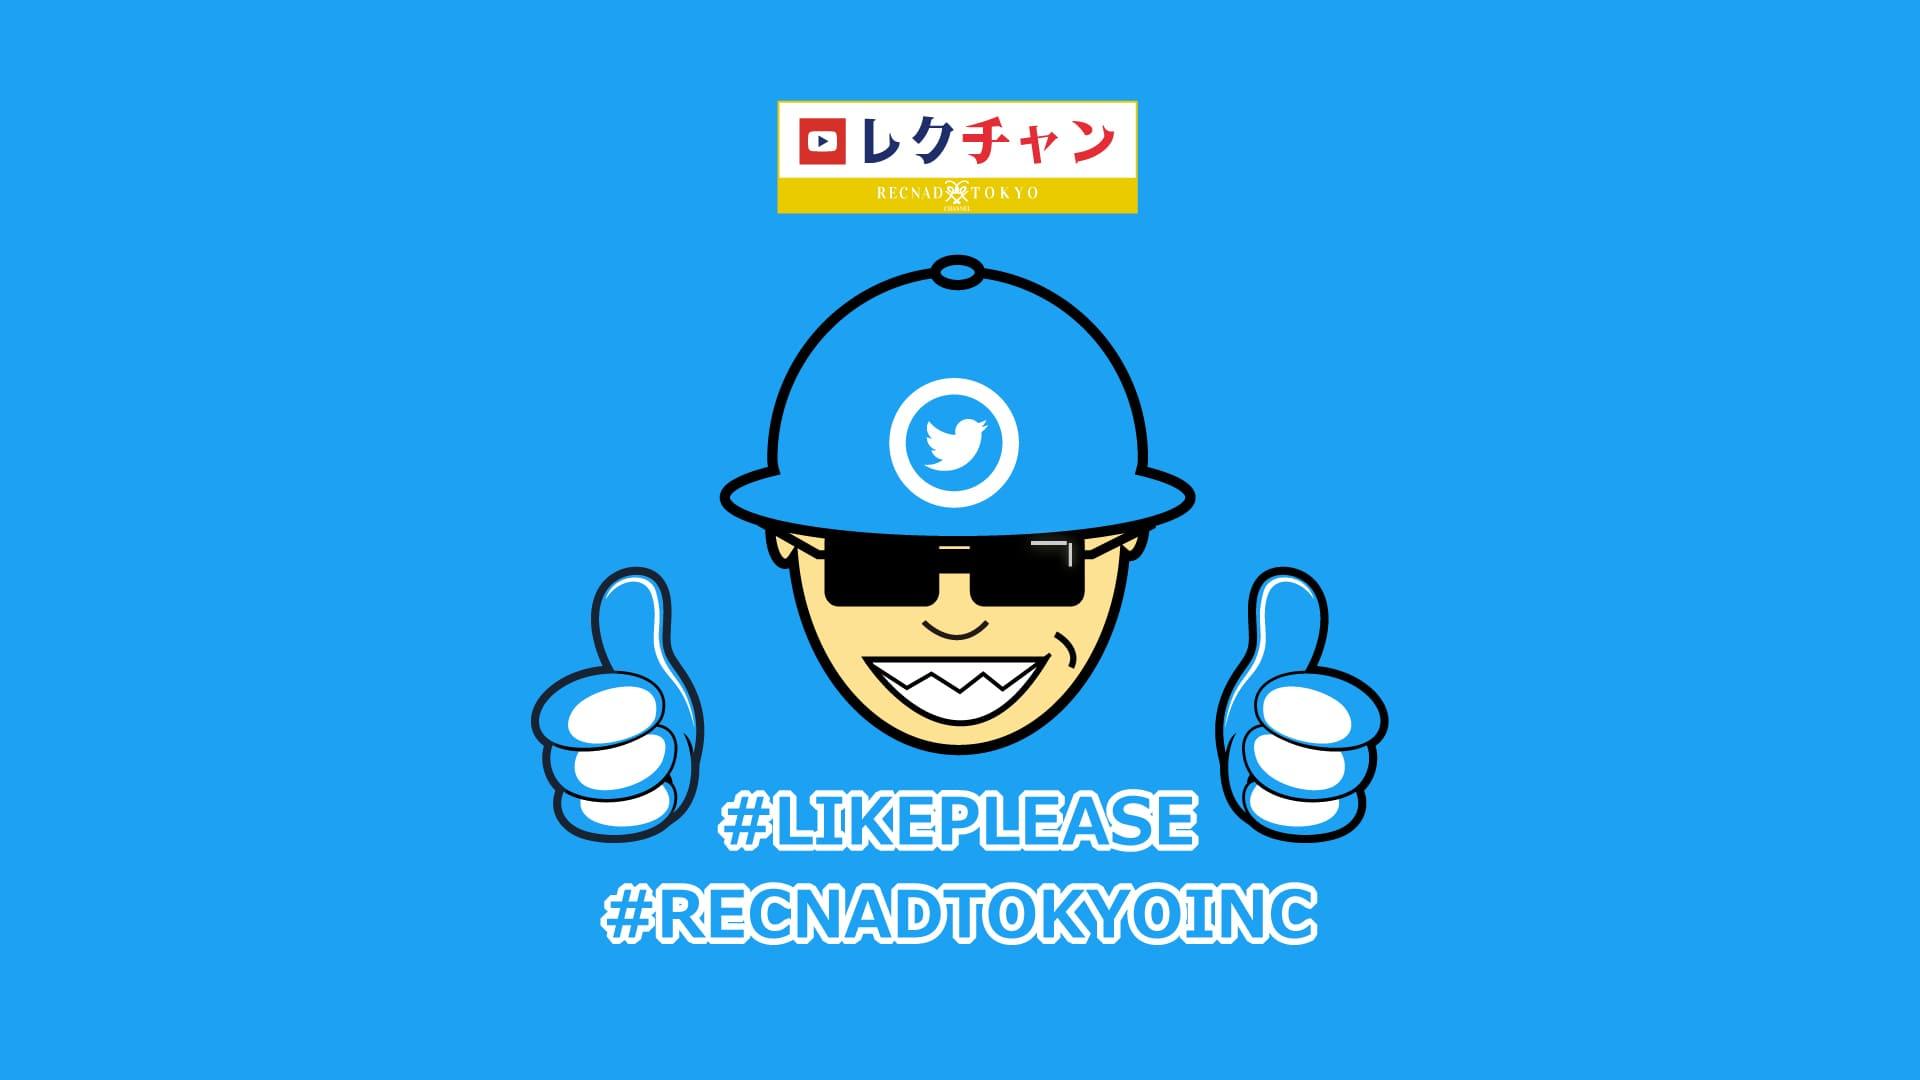 振り付け選手権 面白い 話題になりたい Twitter Manのおねだりダンス #LIKEPLEASE 音源FREE DL